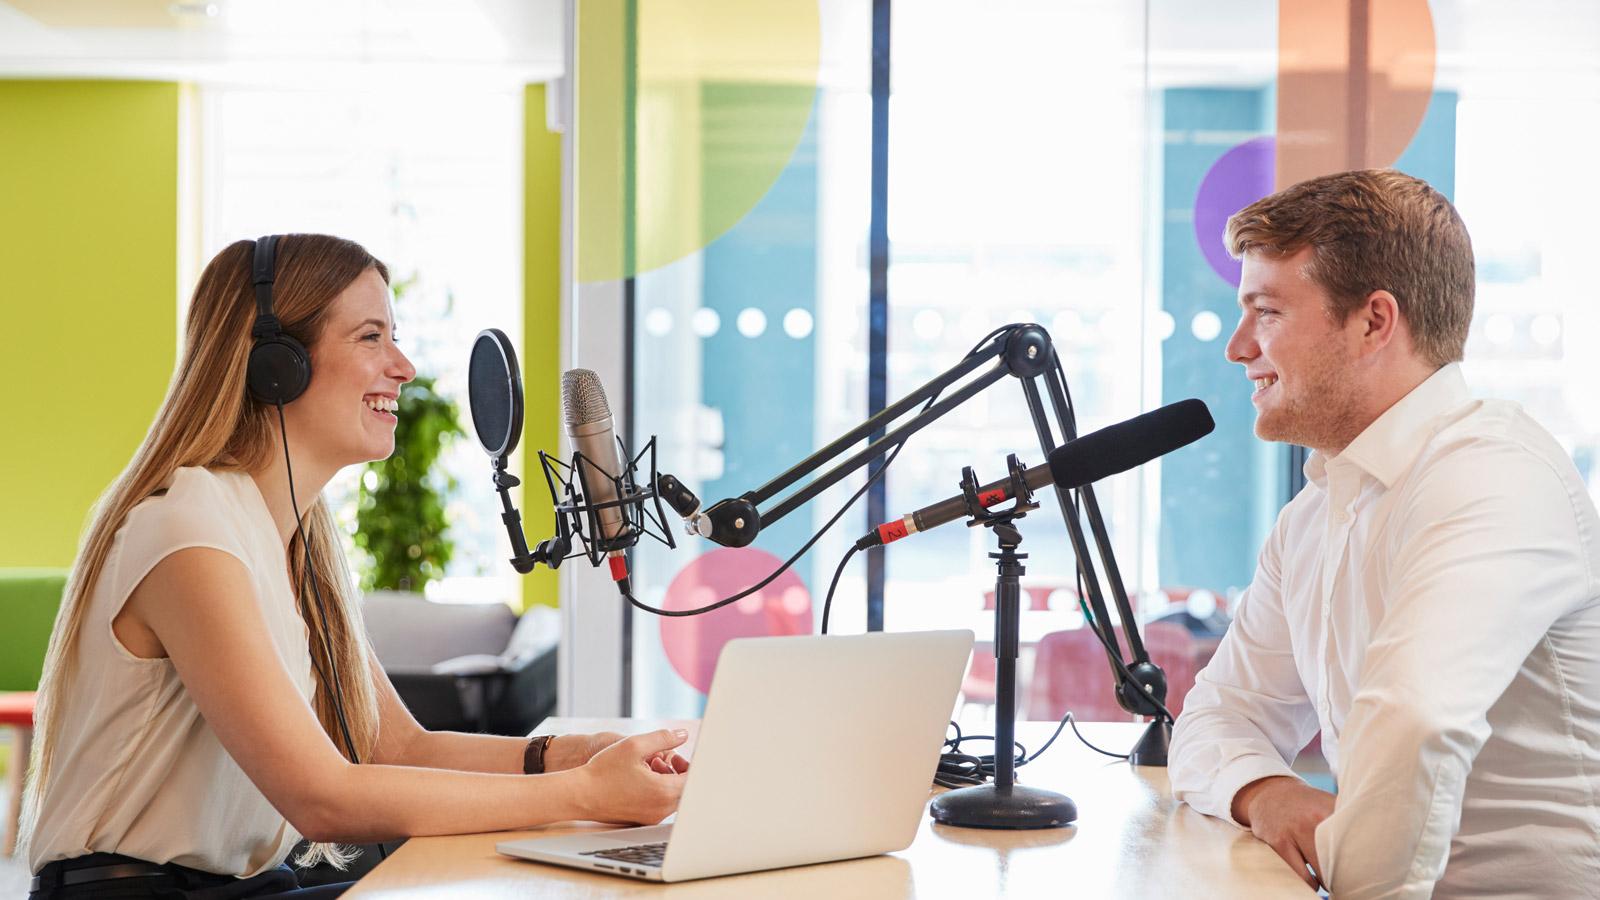 Podkasty robią furorę w internecie - Jak lokować markę w podkaście? marka mediarun podkast marka 2019